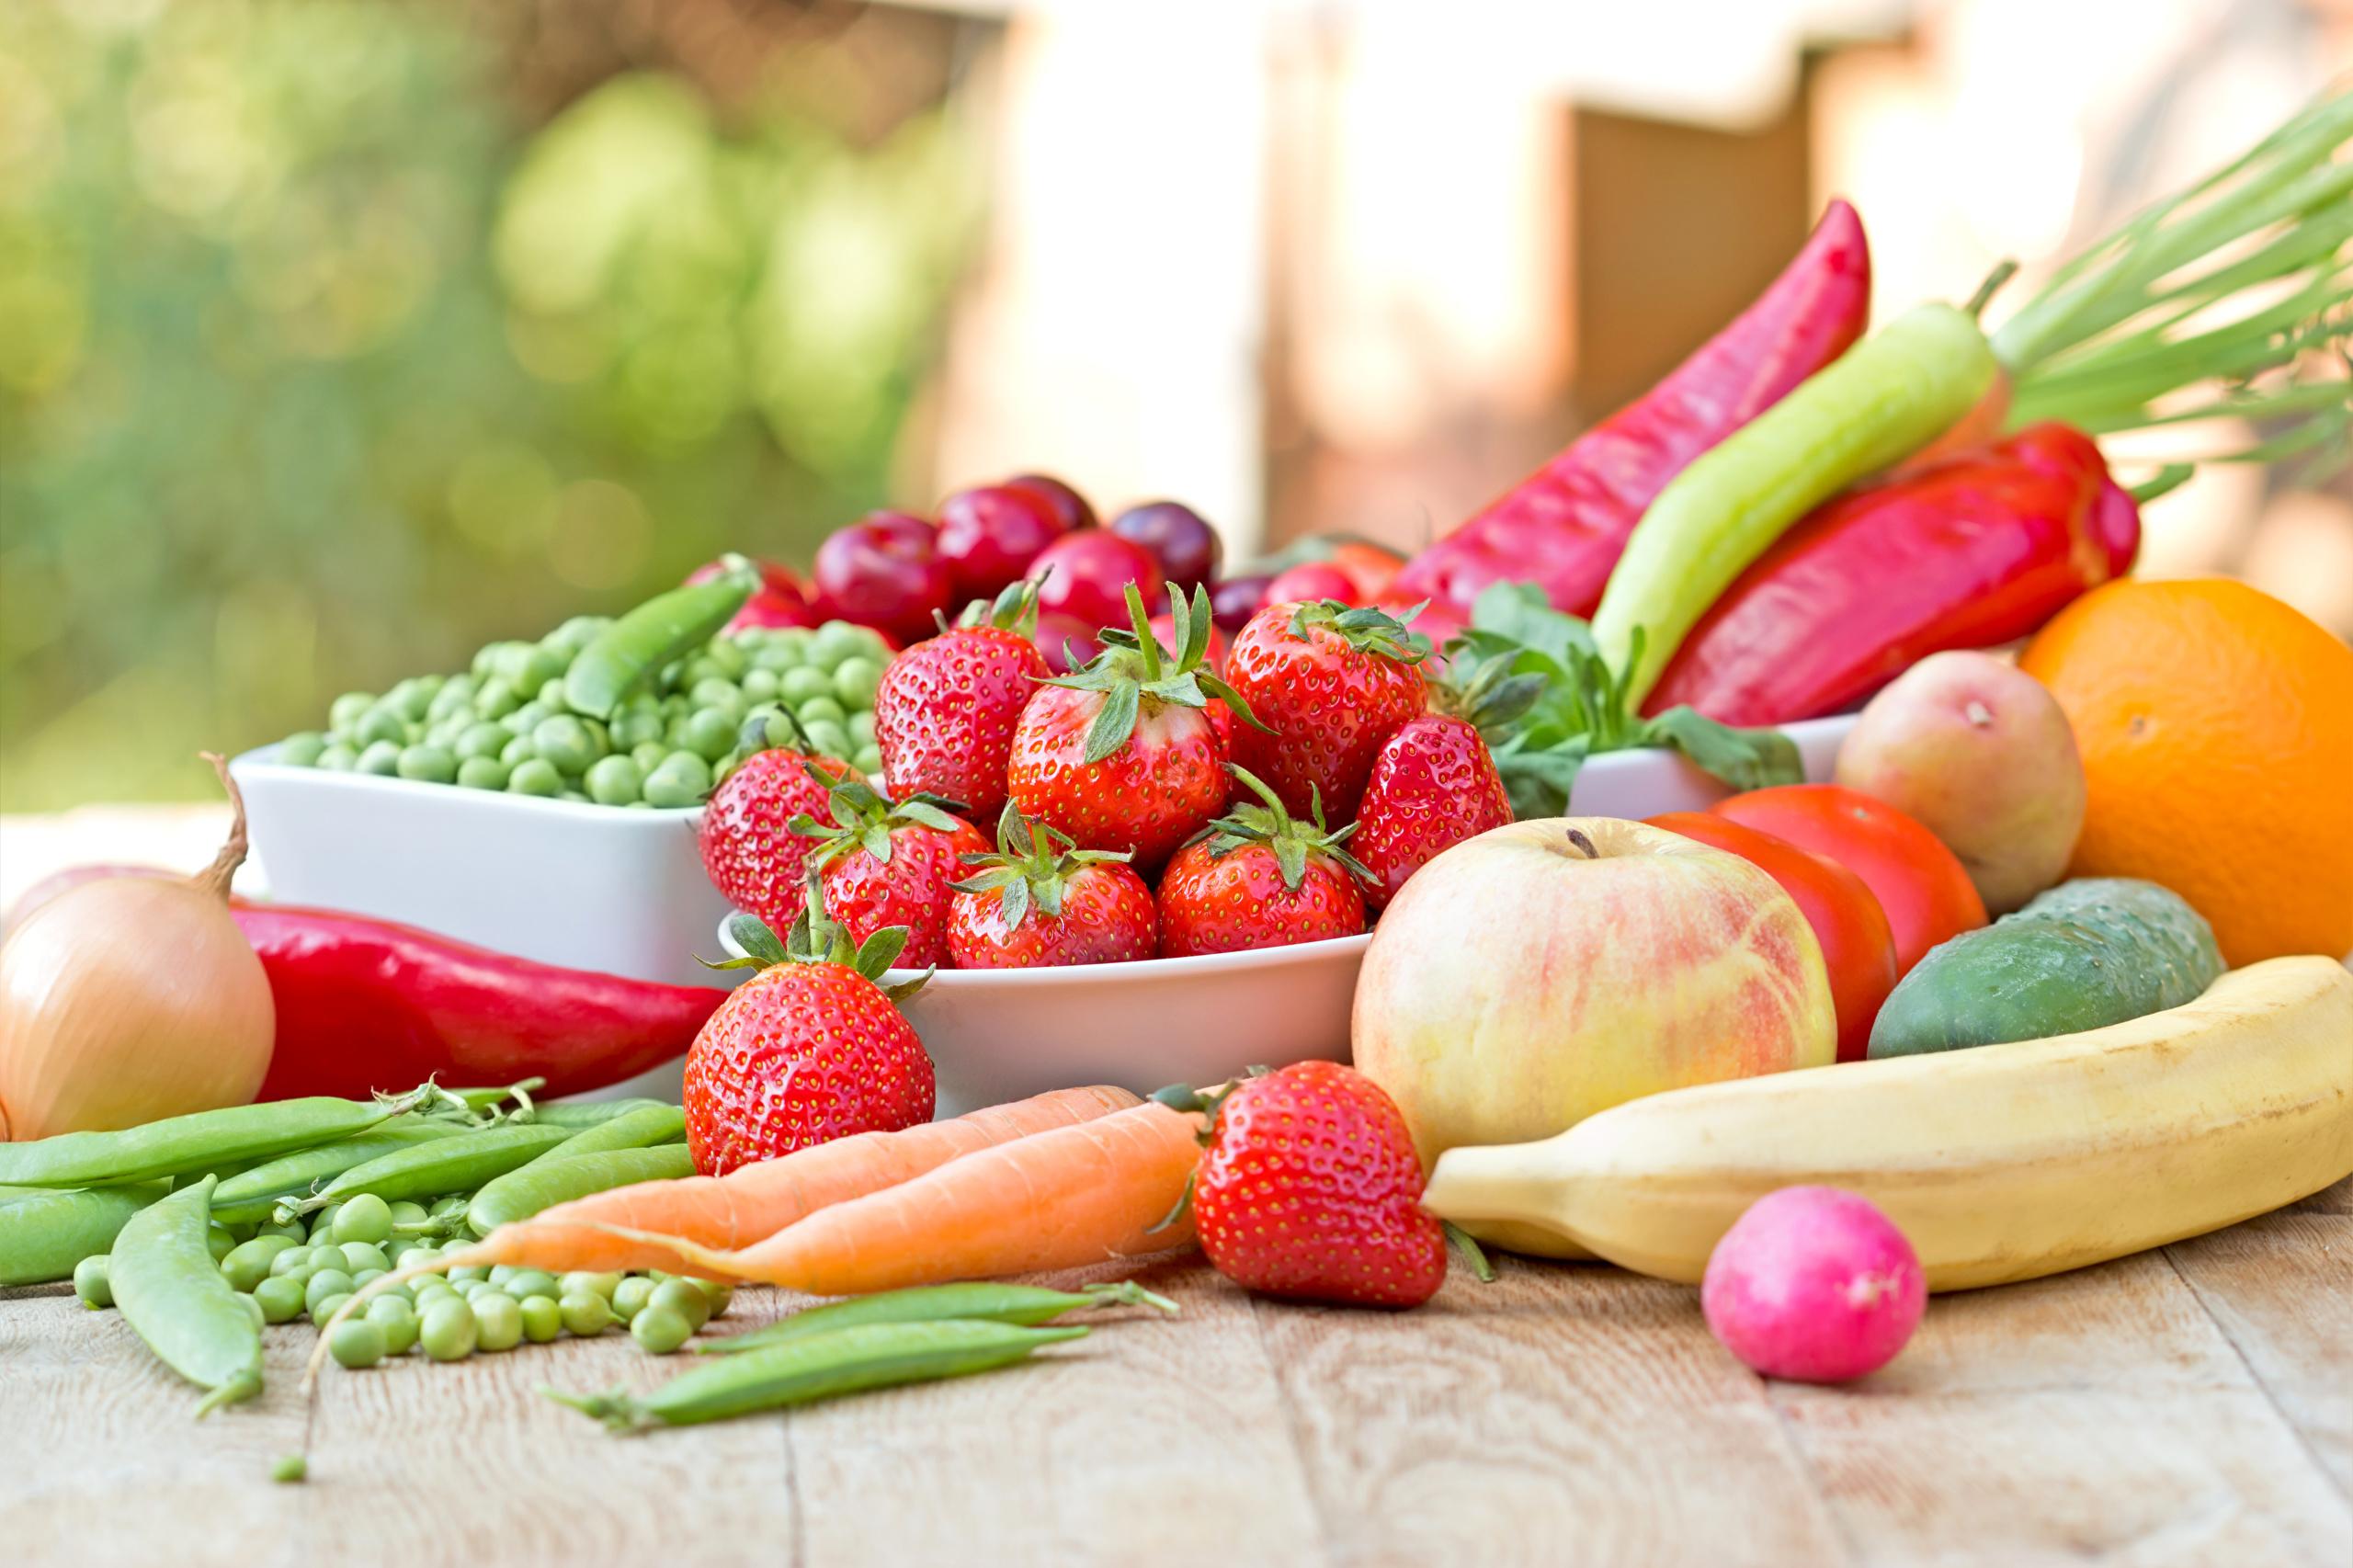 В Дагестане зафиксирован рост цен на фрукты и овощи